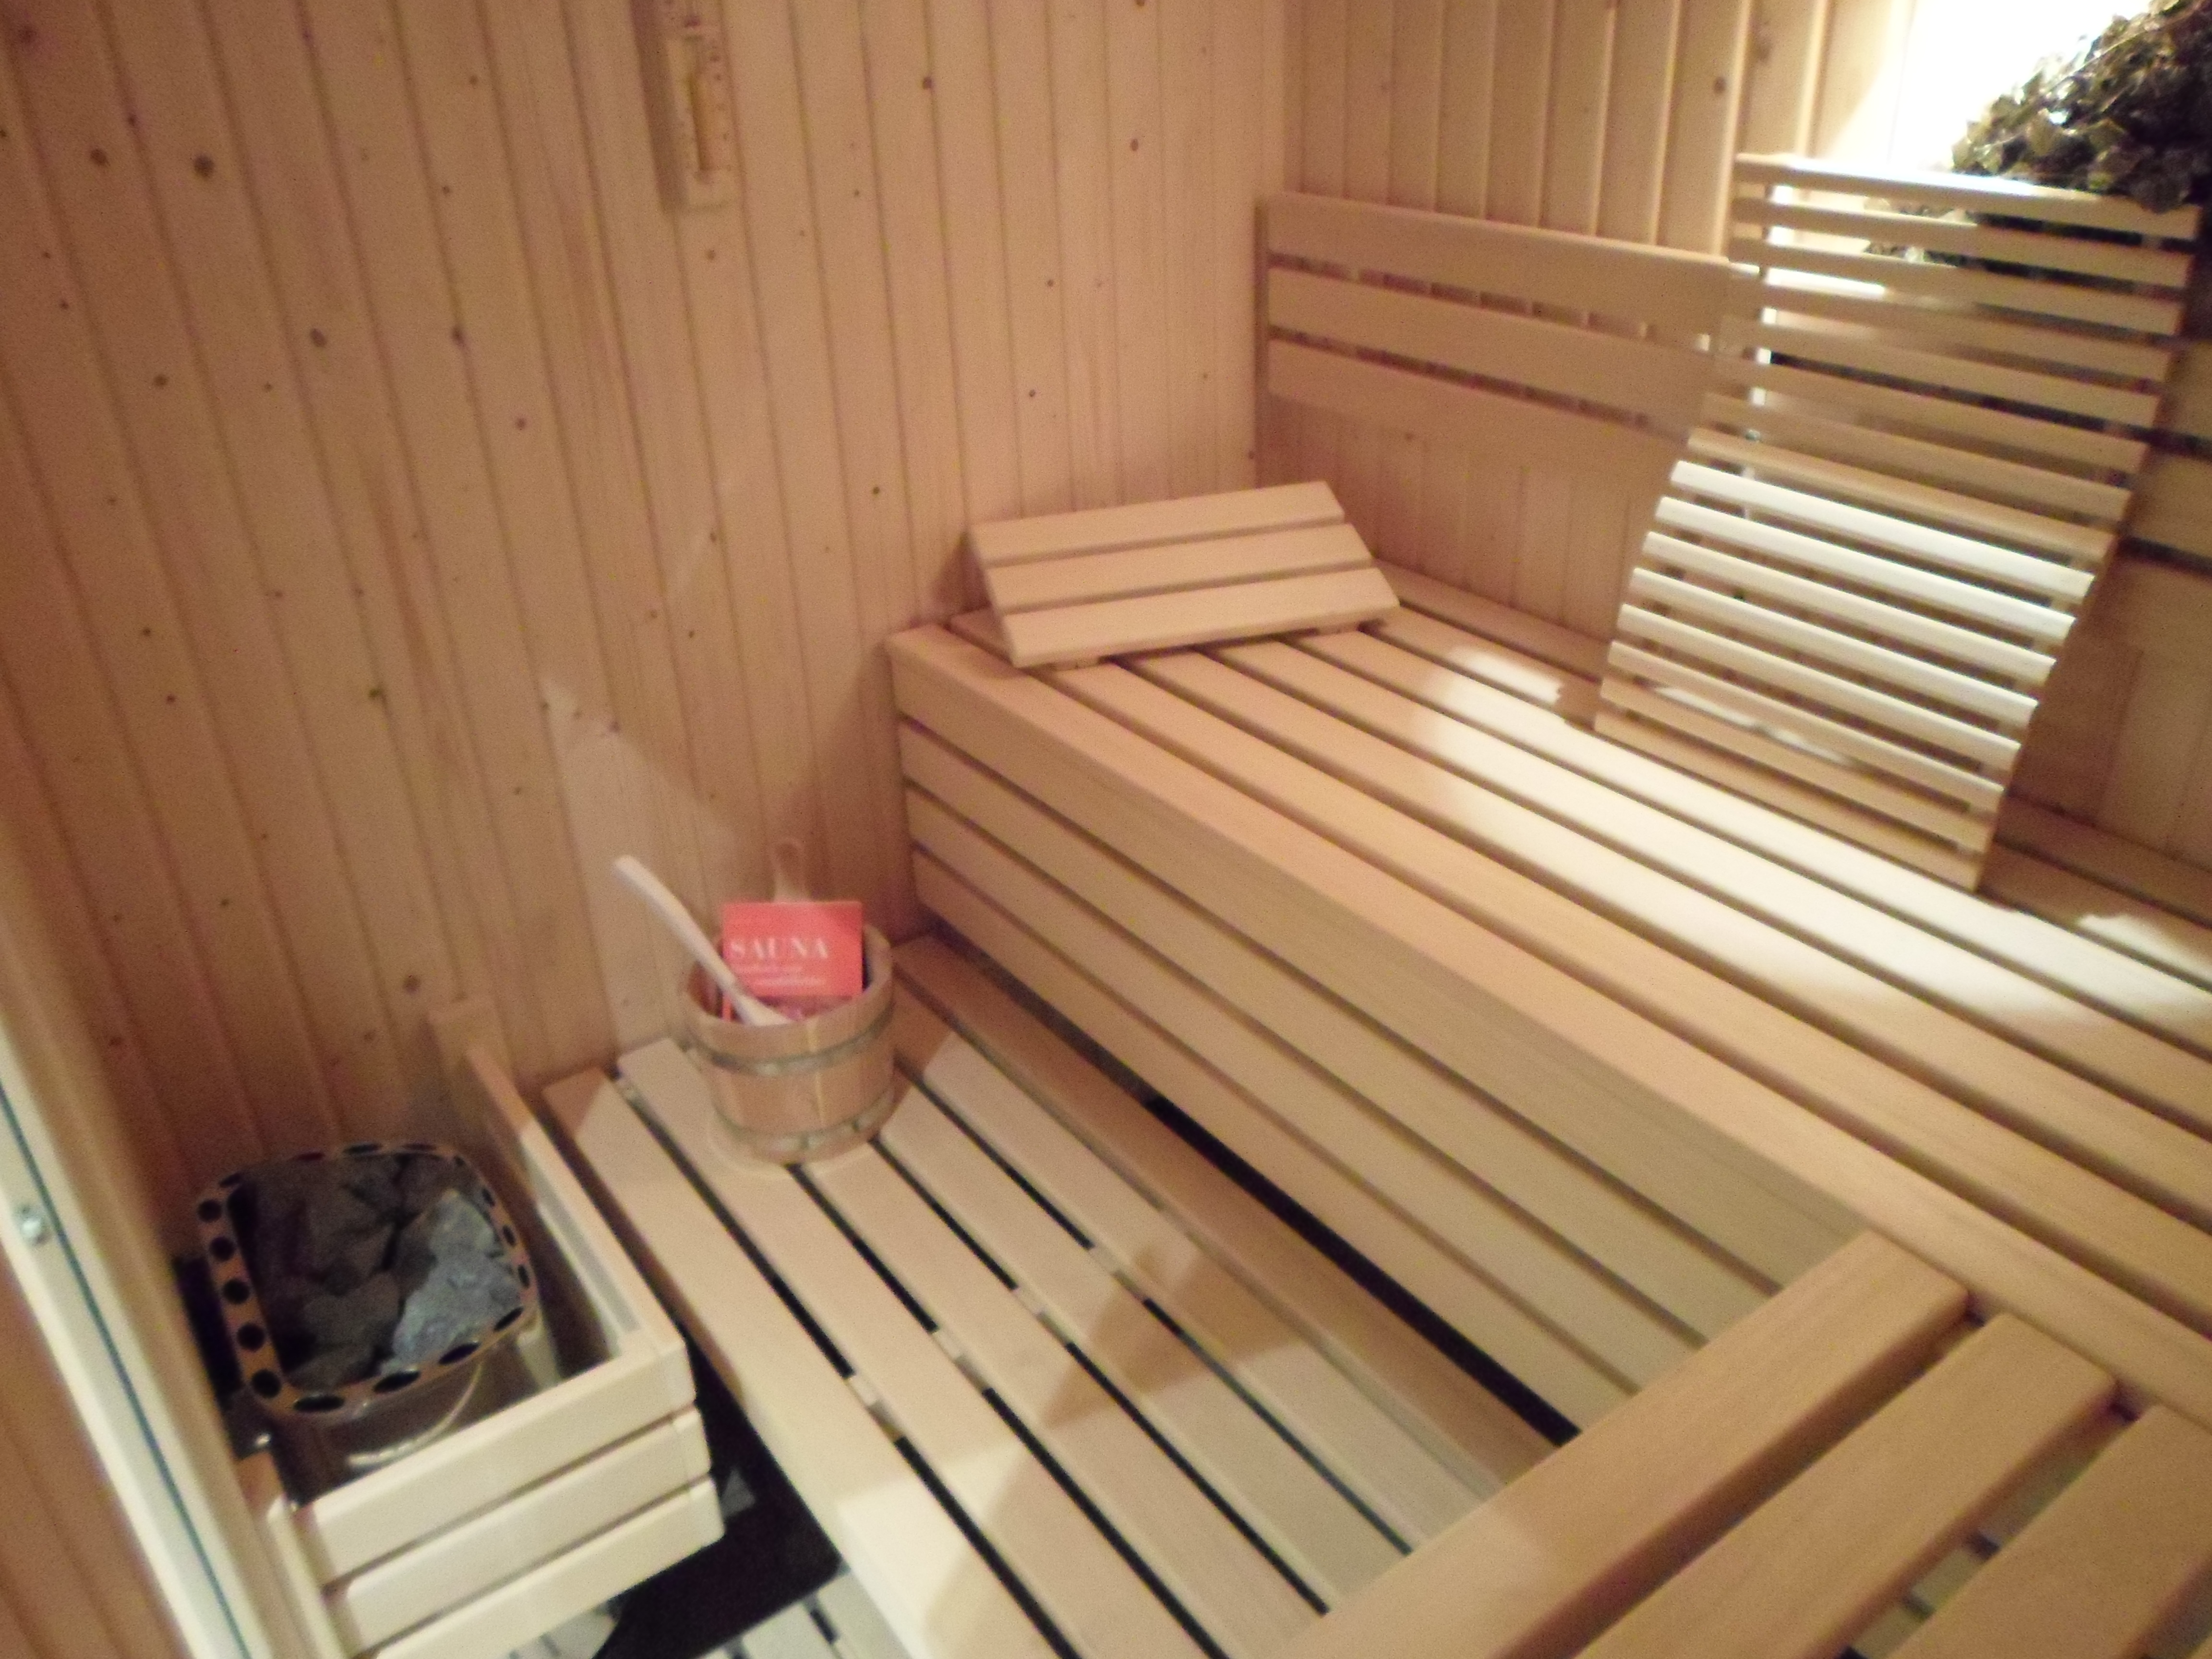 72a5c0bcc9d Met grote kortingen uw infrarood sauna kopen!